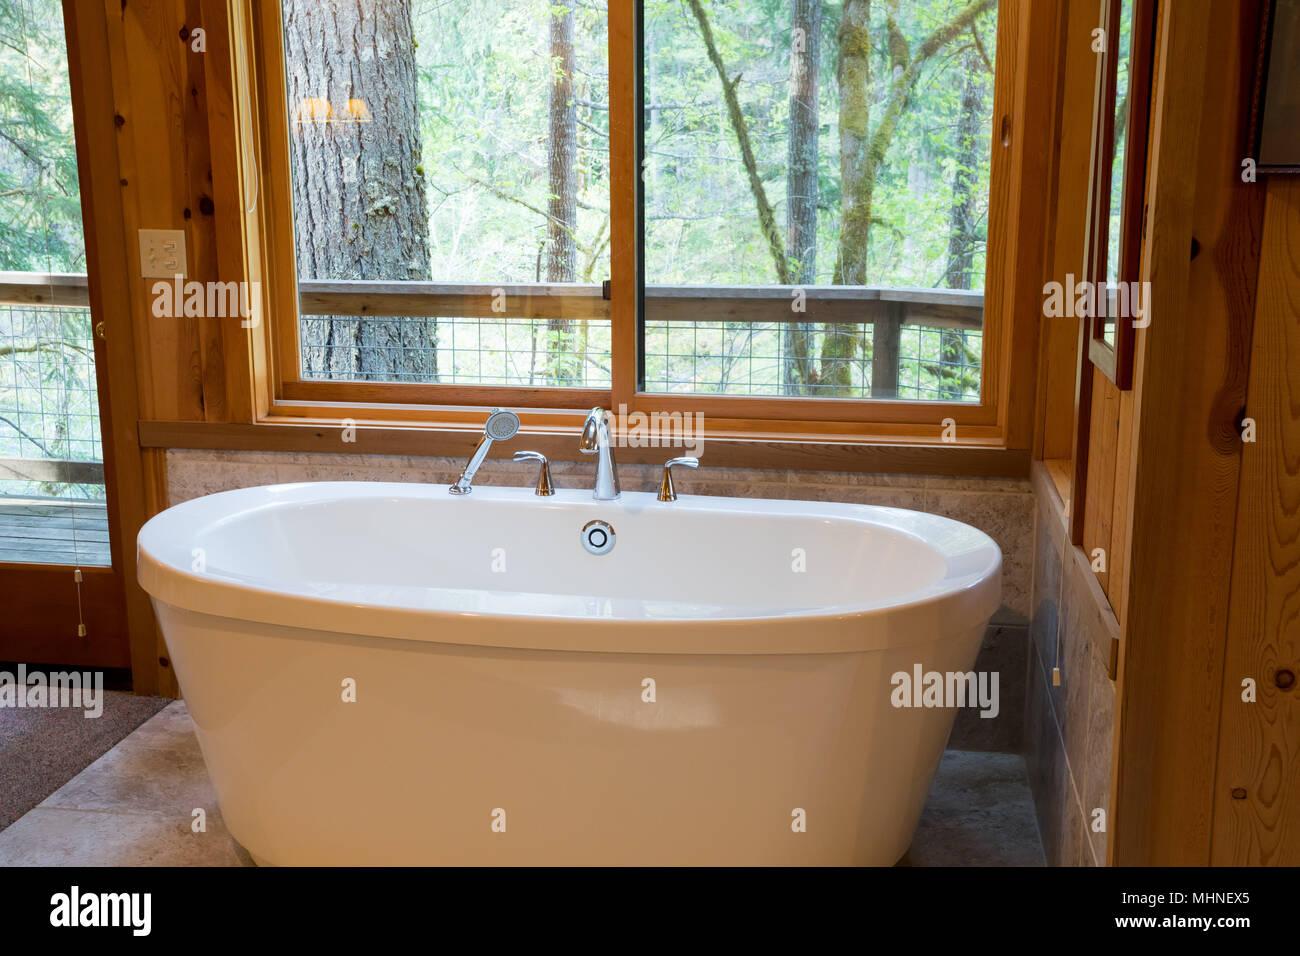 Vasca Da Bagno Oversize : Vasca da bagno vasca da bagno in cabina foto & immagine stock